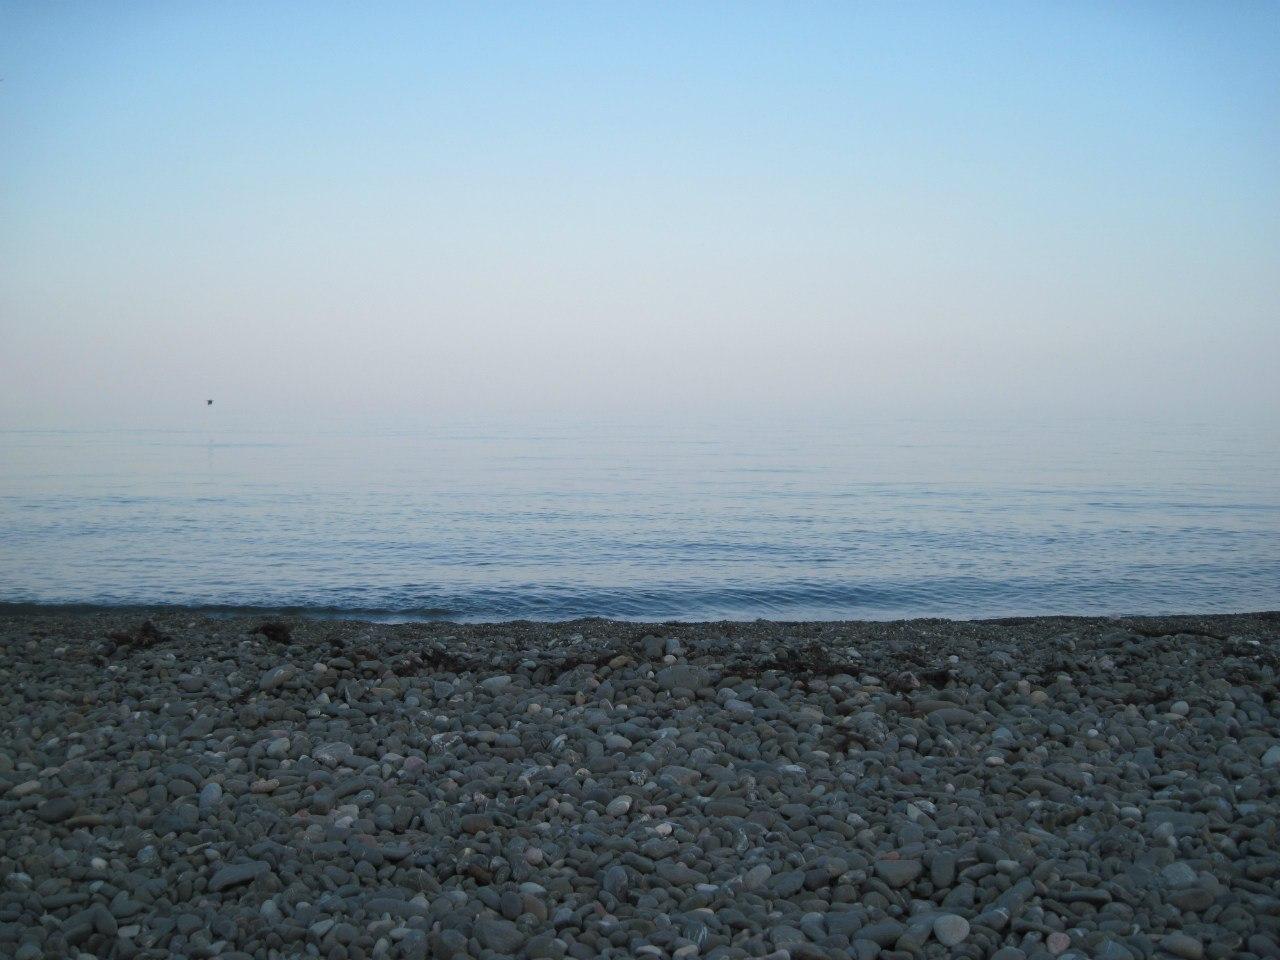 19206 скачать обои Пейзаж, Галька, Море, Пляж - заставки и картинки бесплатно